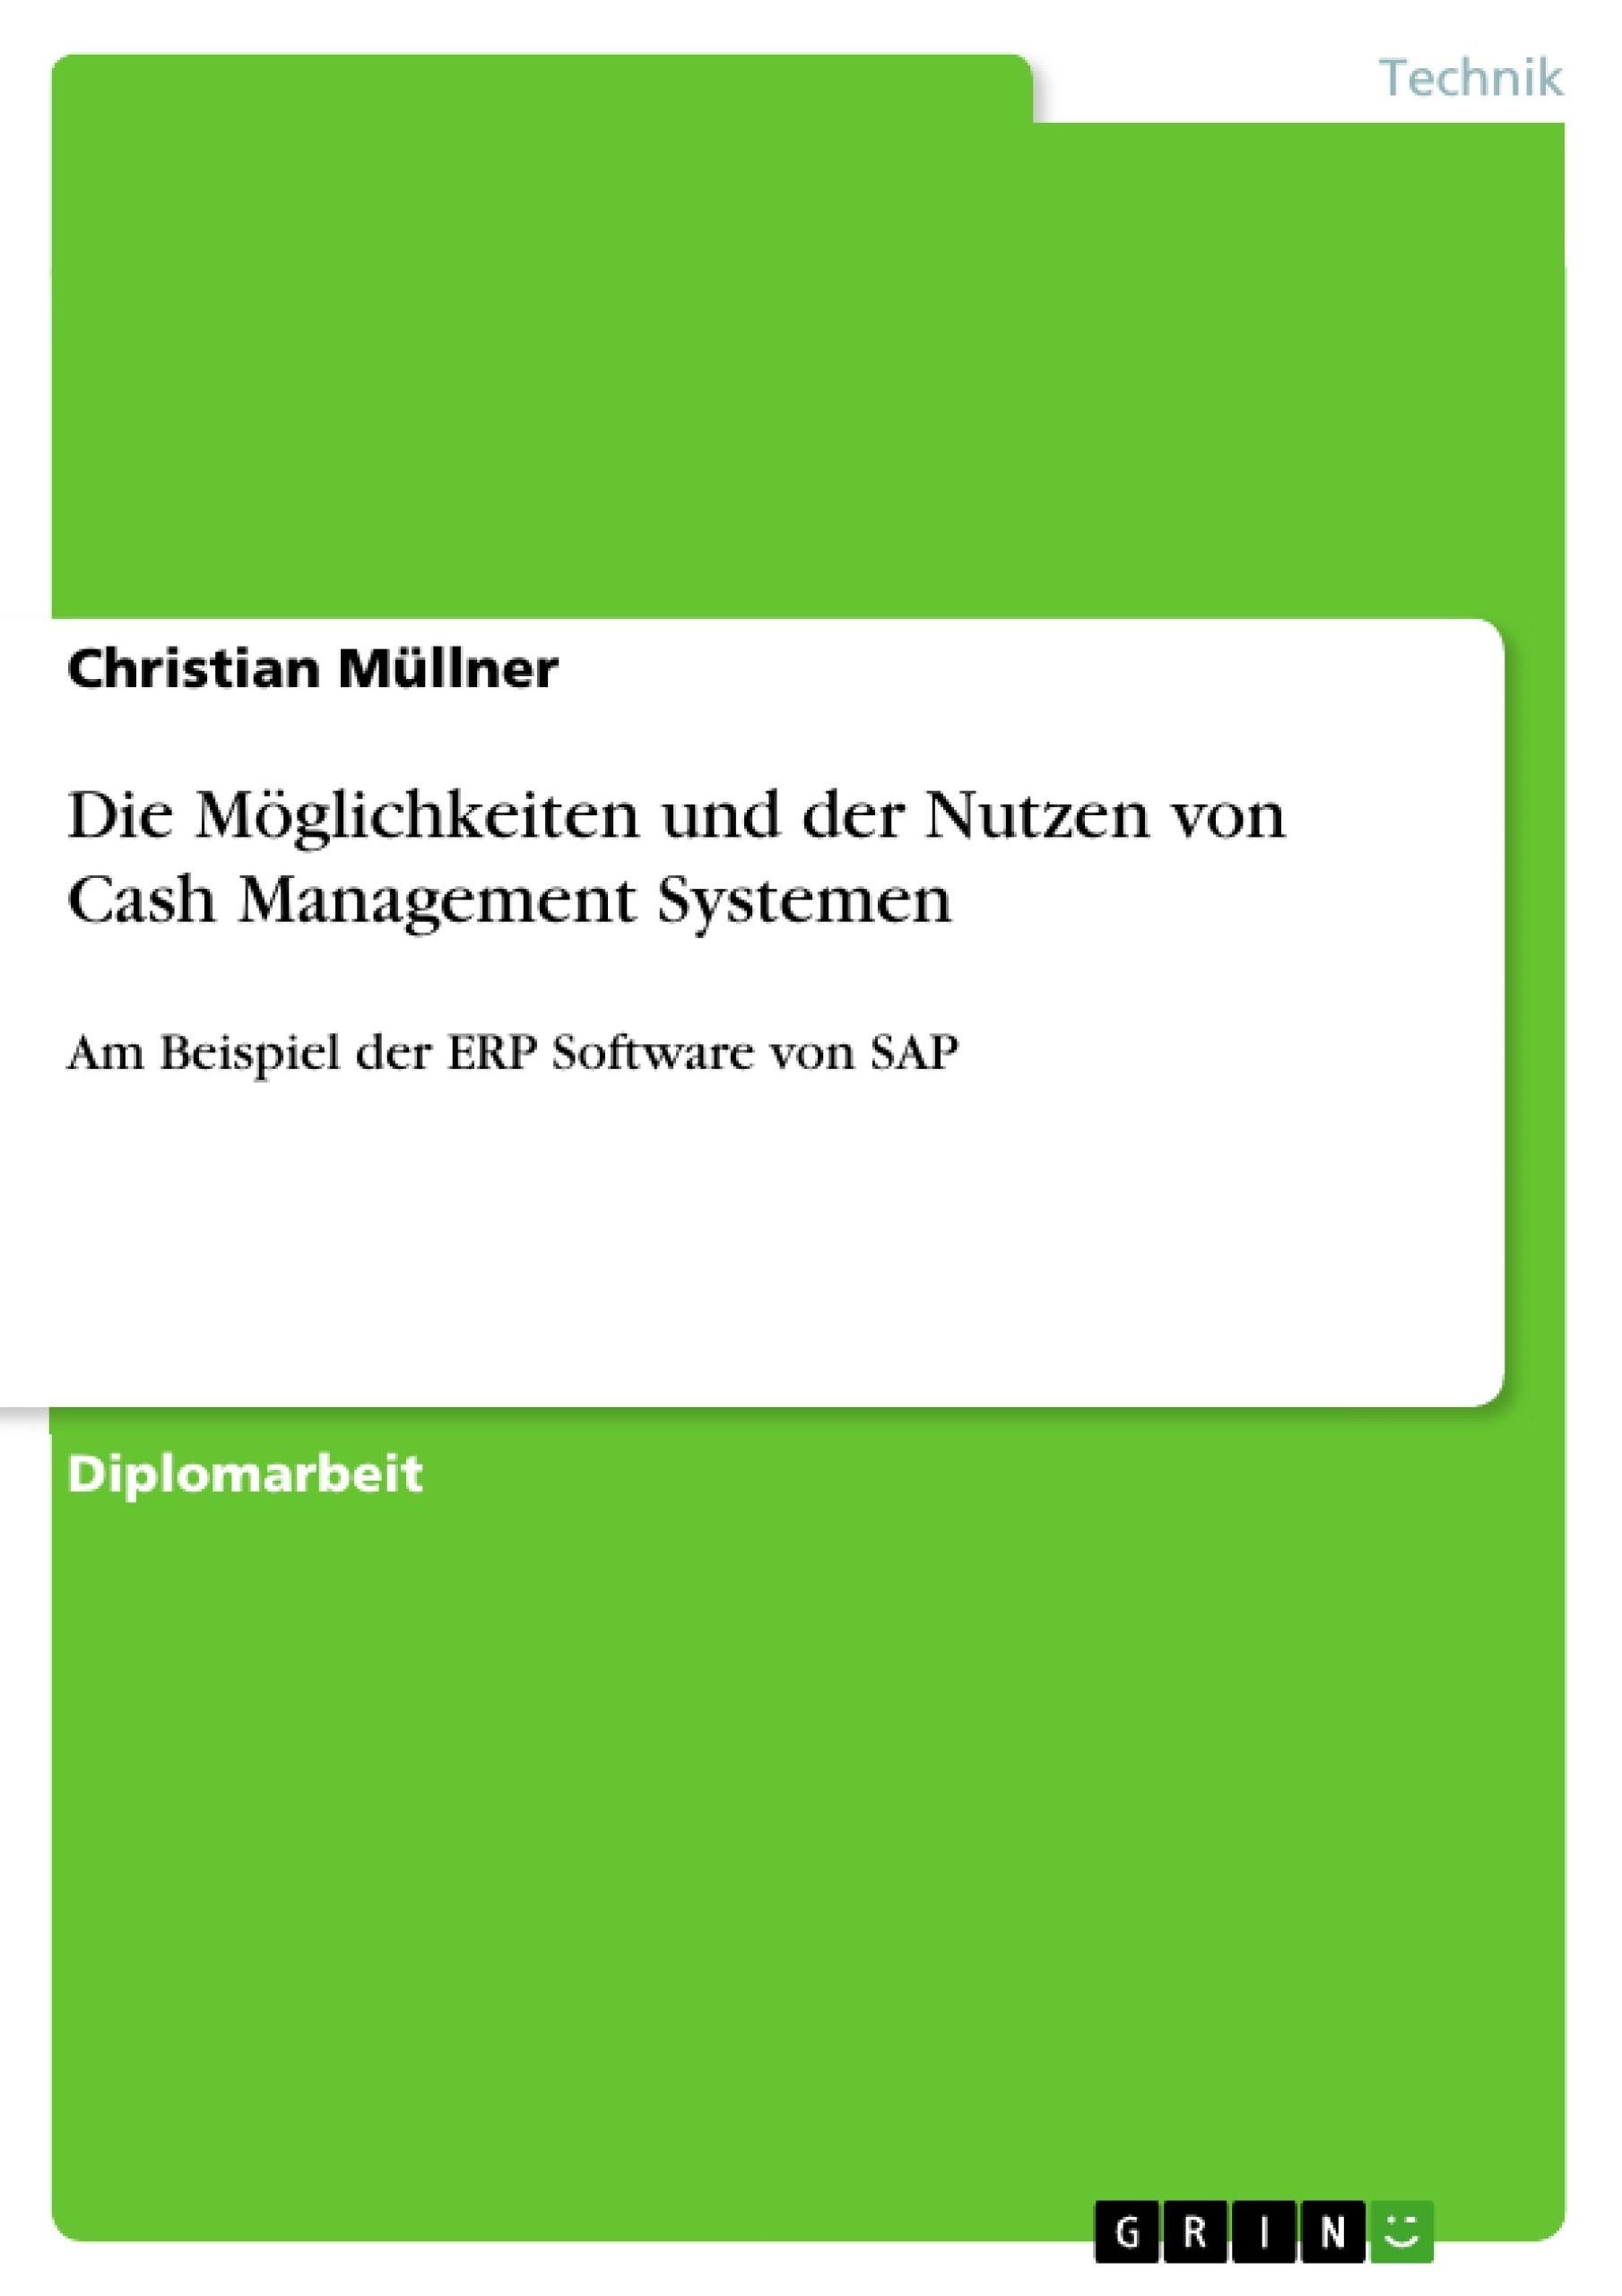 Titel: Die Möglichkeiten und der Nutzen von Cash Management Systemen